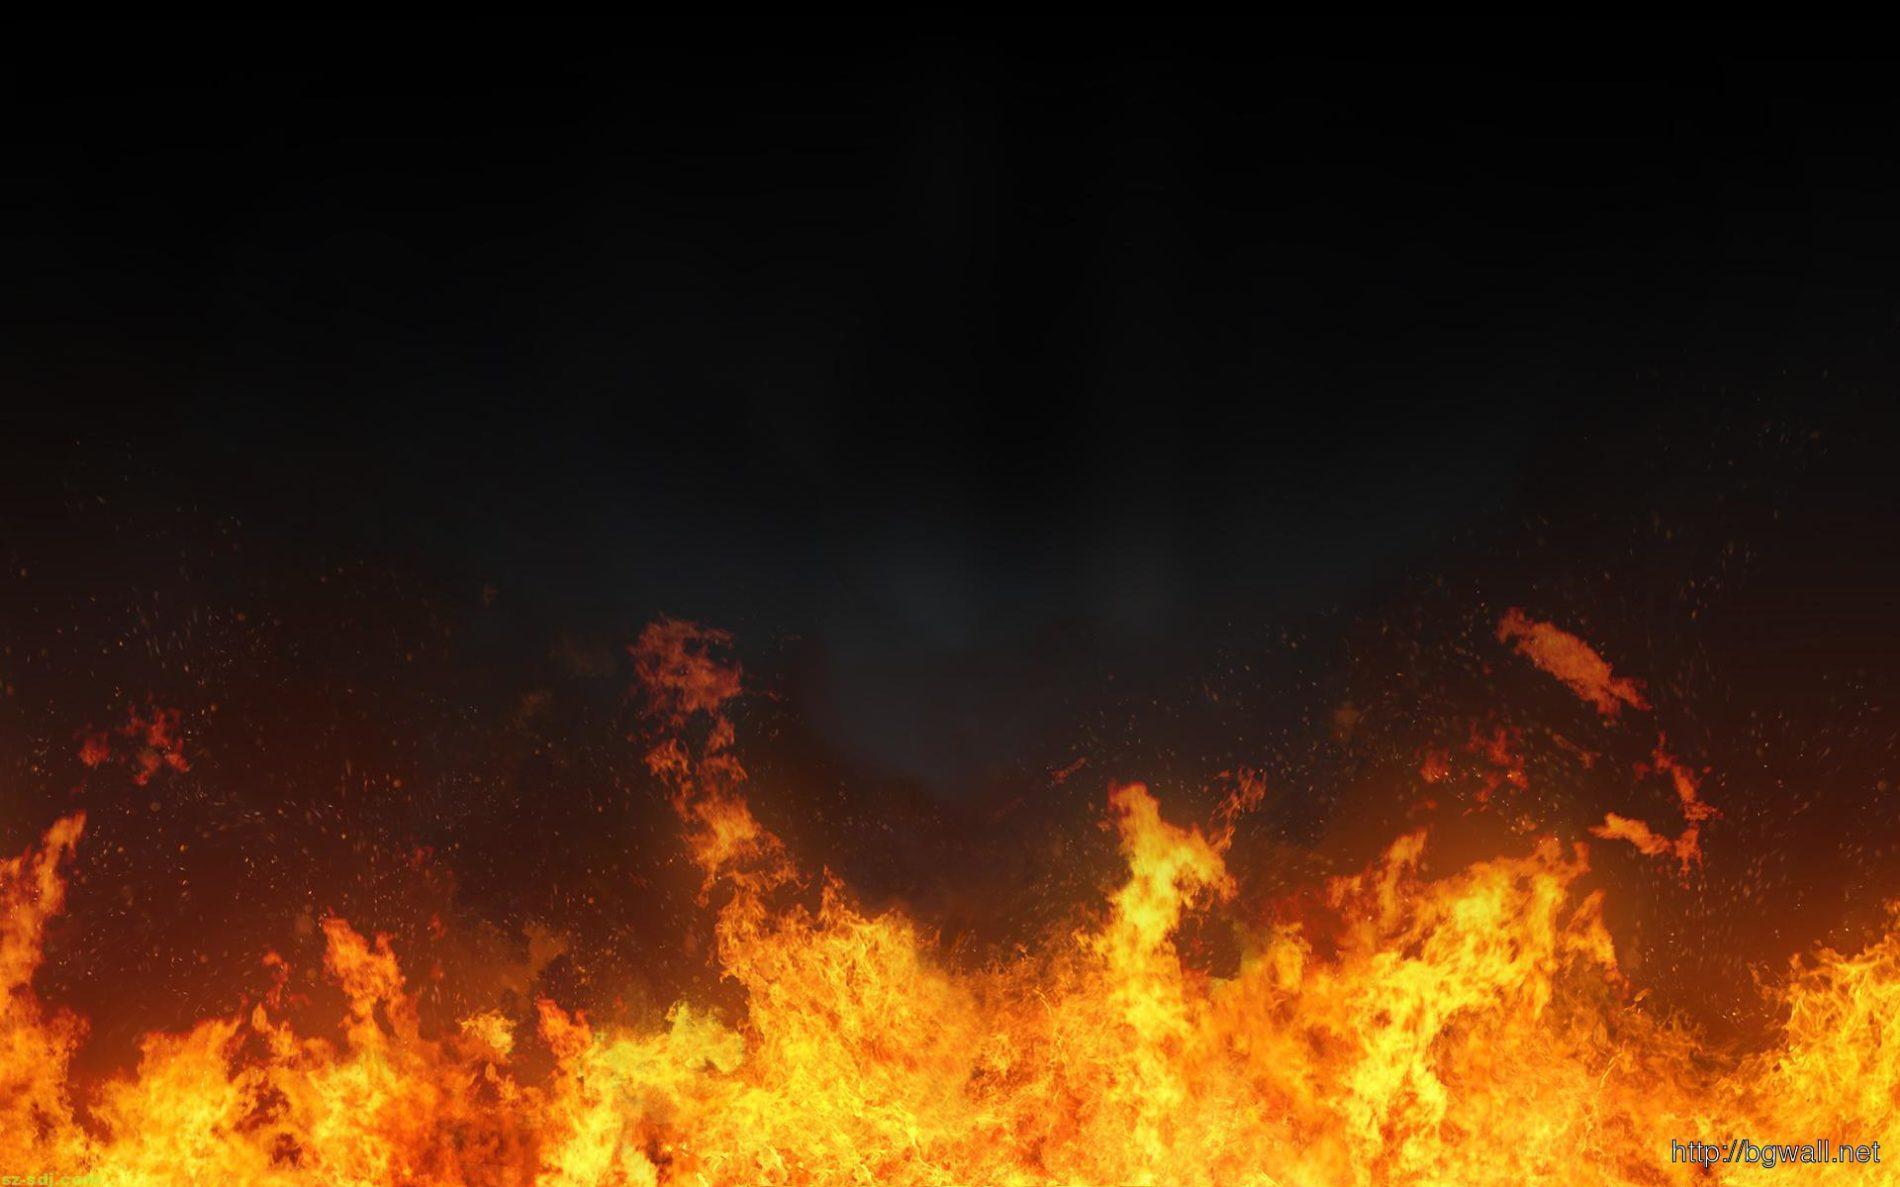 Se alma perece no inferno, ela não é imortal